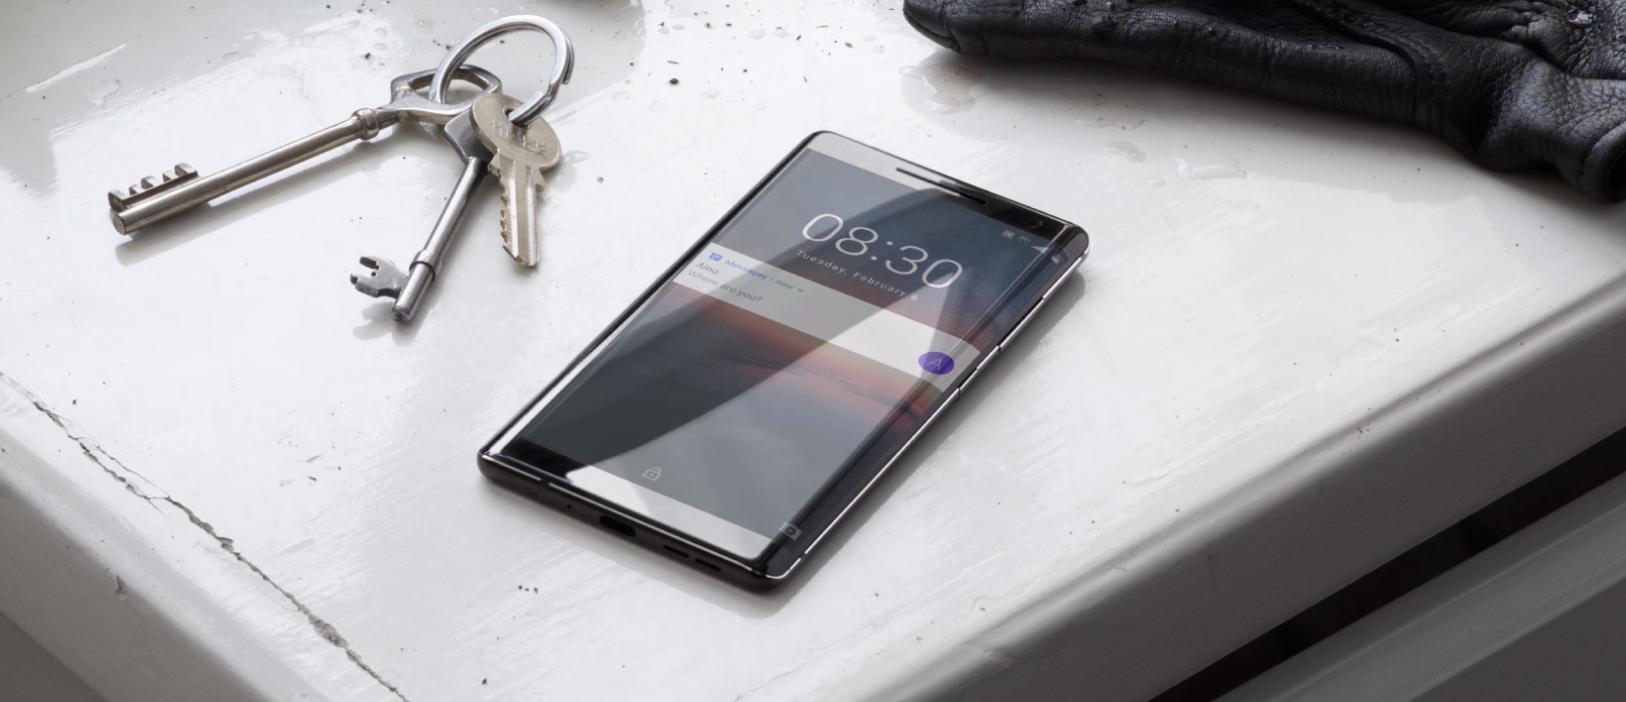 Nokia 8 Scirocco - luxusní design, za který si nechá výrobce řádně zaplatit